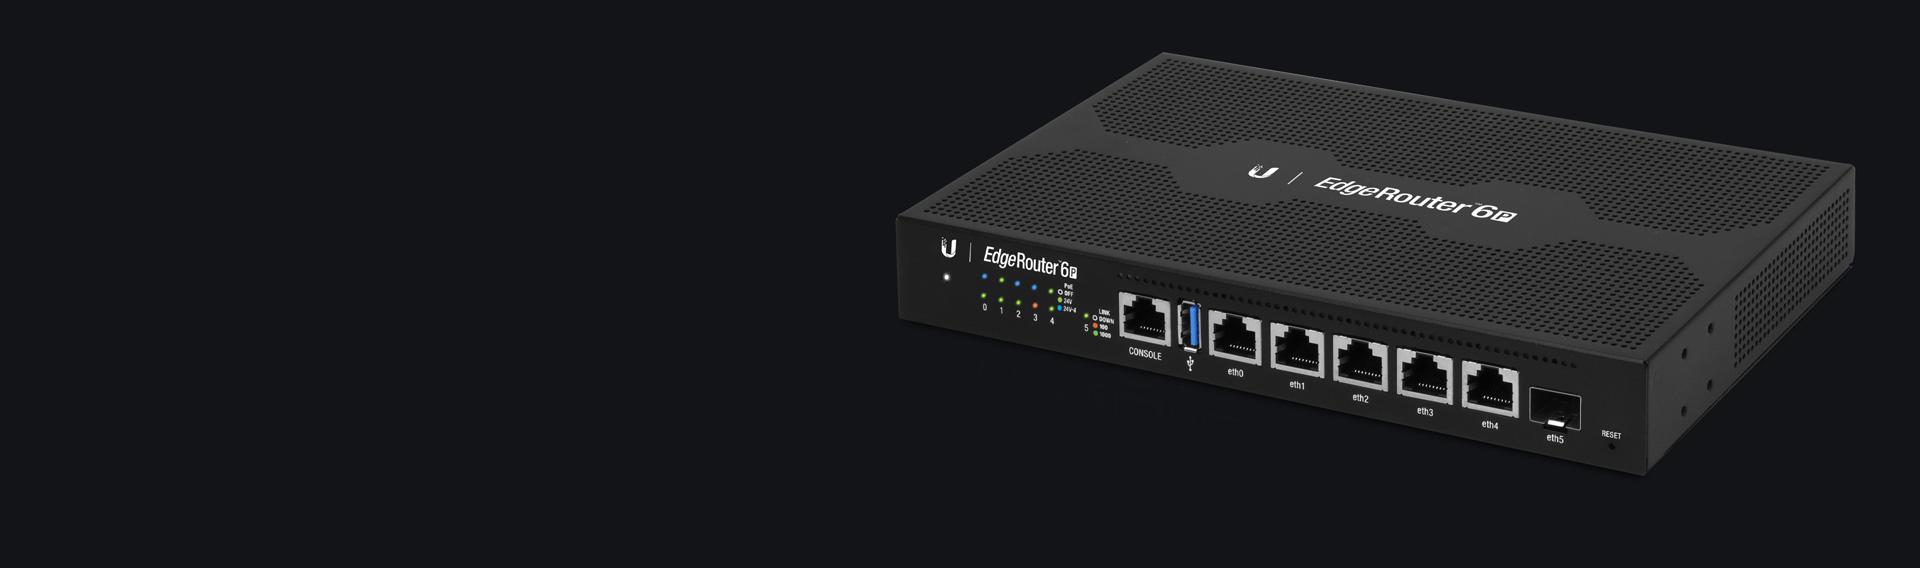 Ubiquiti Networks - EdgeRouter™ 6P